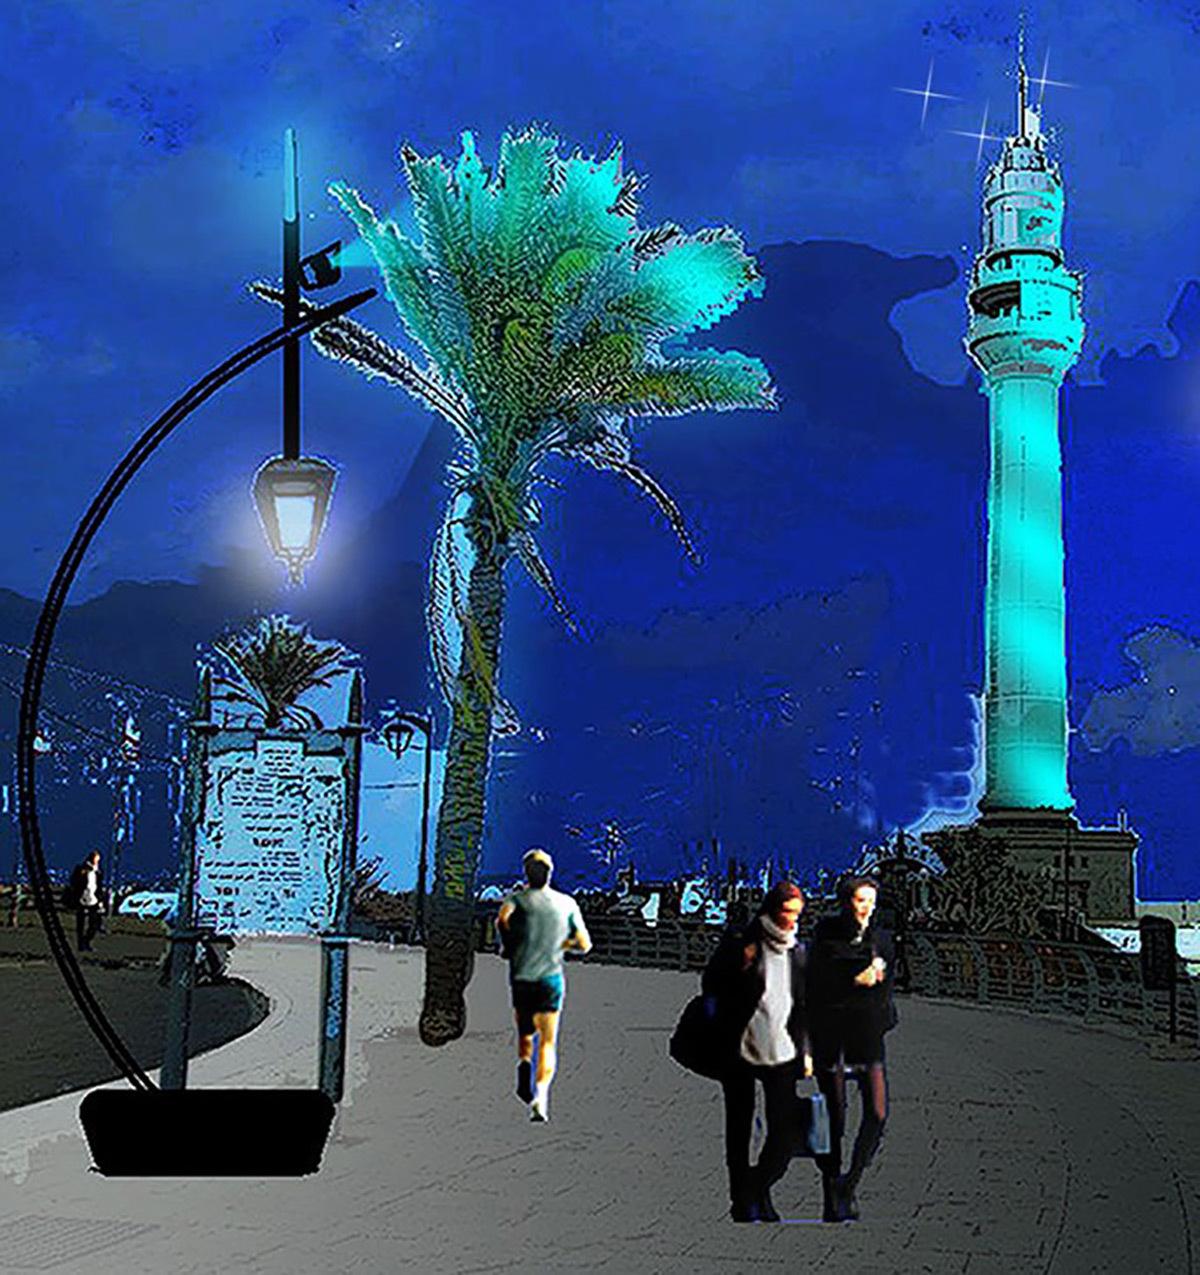 Phare et corniche maritime, Beyrouth, Liban - Thèse Ms Eclairage Urbain - INSA de Lyon © Nour Moussawi